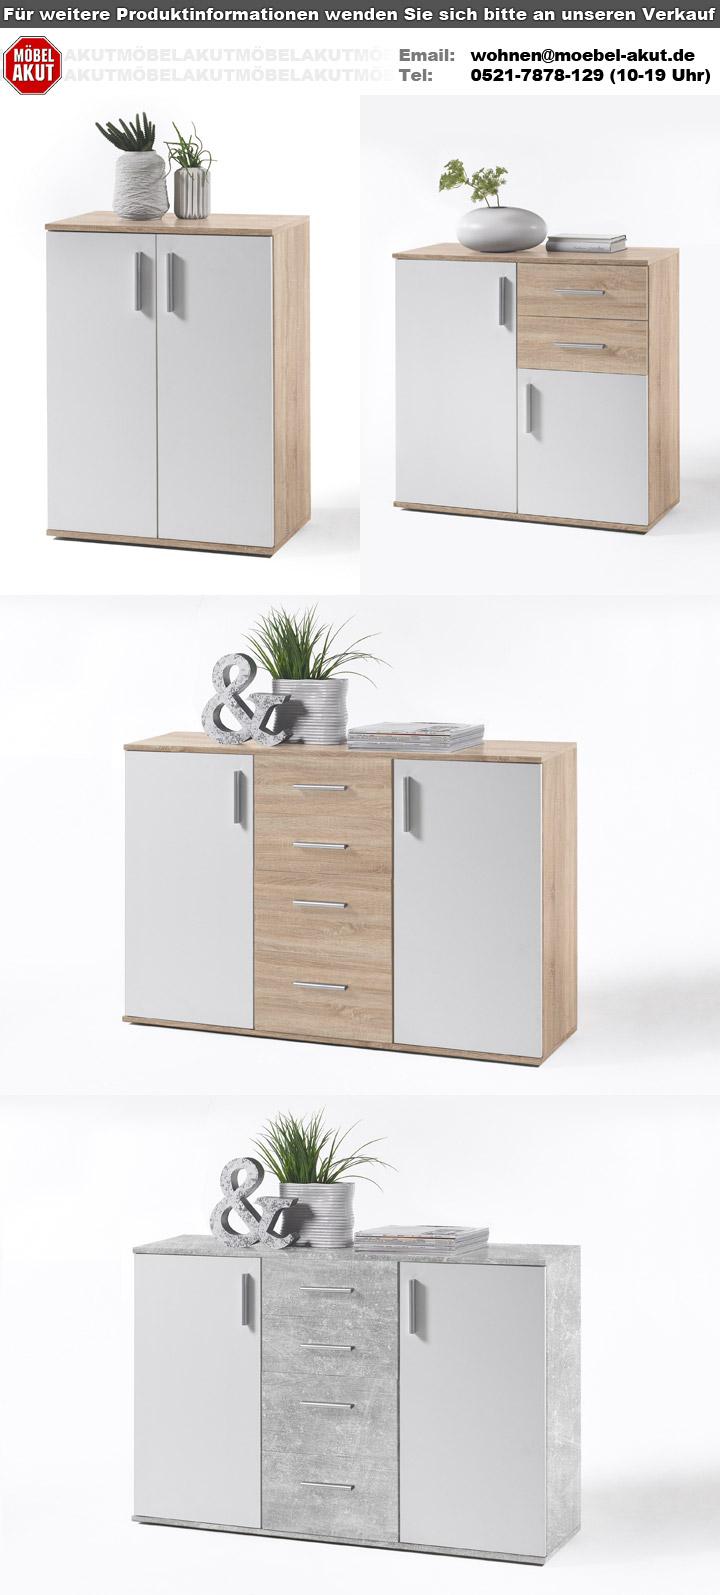 kommode bobby 5 sideboard wohnzimmerschrank sonoma eiche. Black Bedroom Furniture Sets. Home Design Ideas